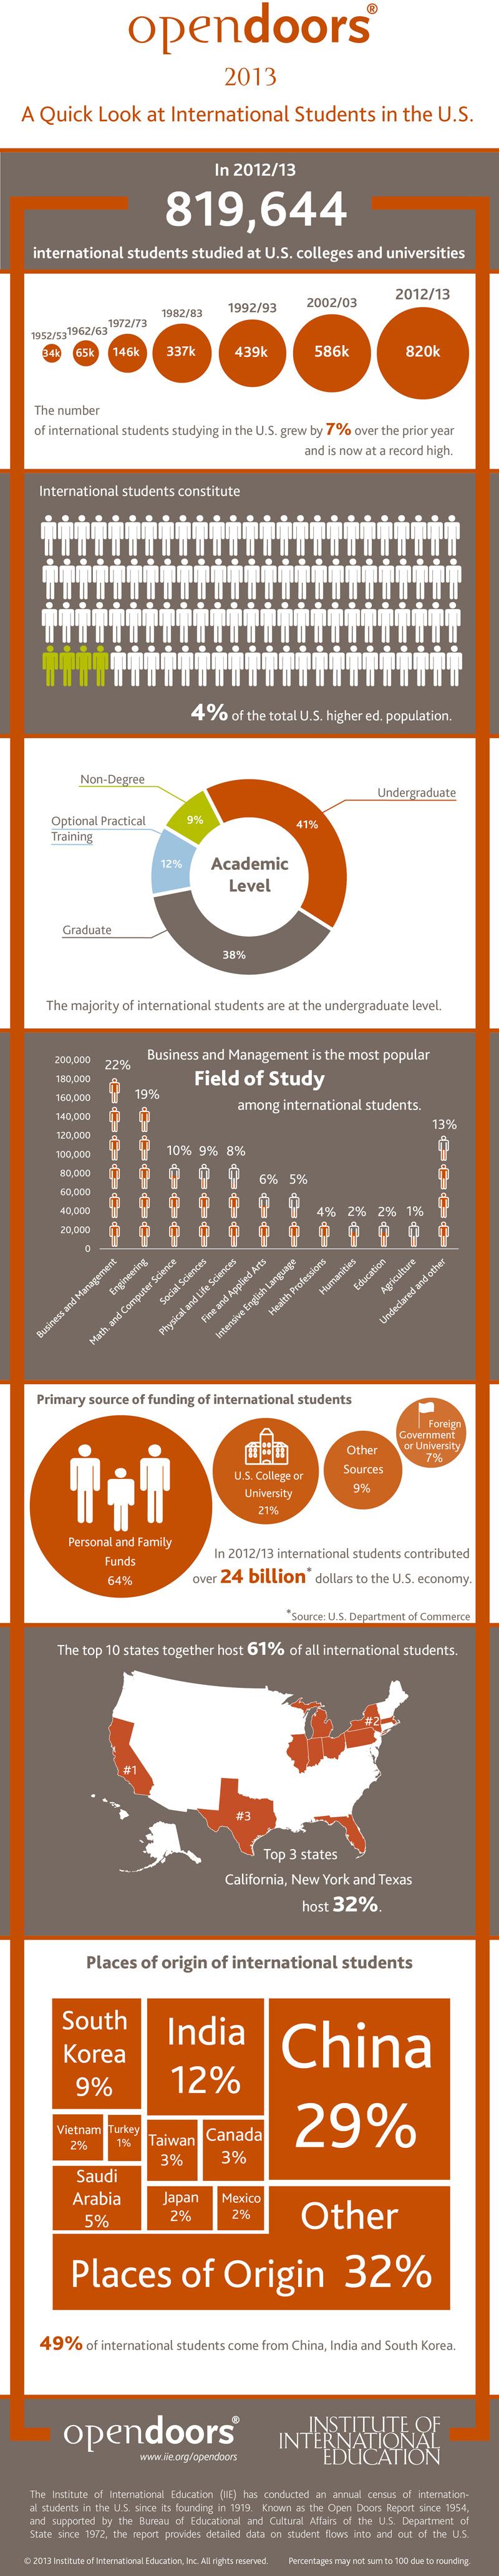 OT-Open-Doors-2013-Inforgraphic-International-students